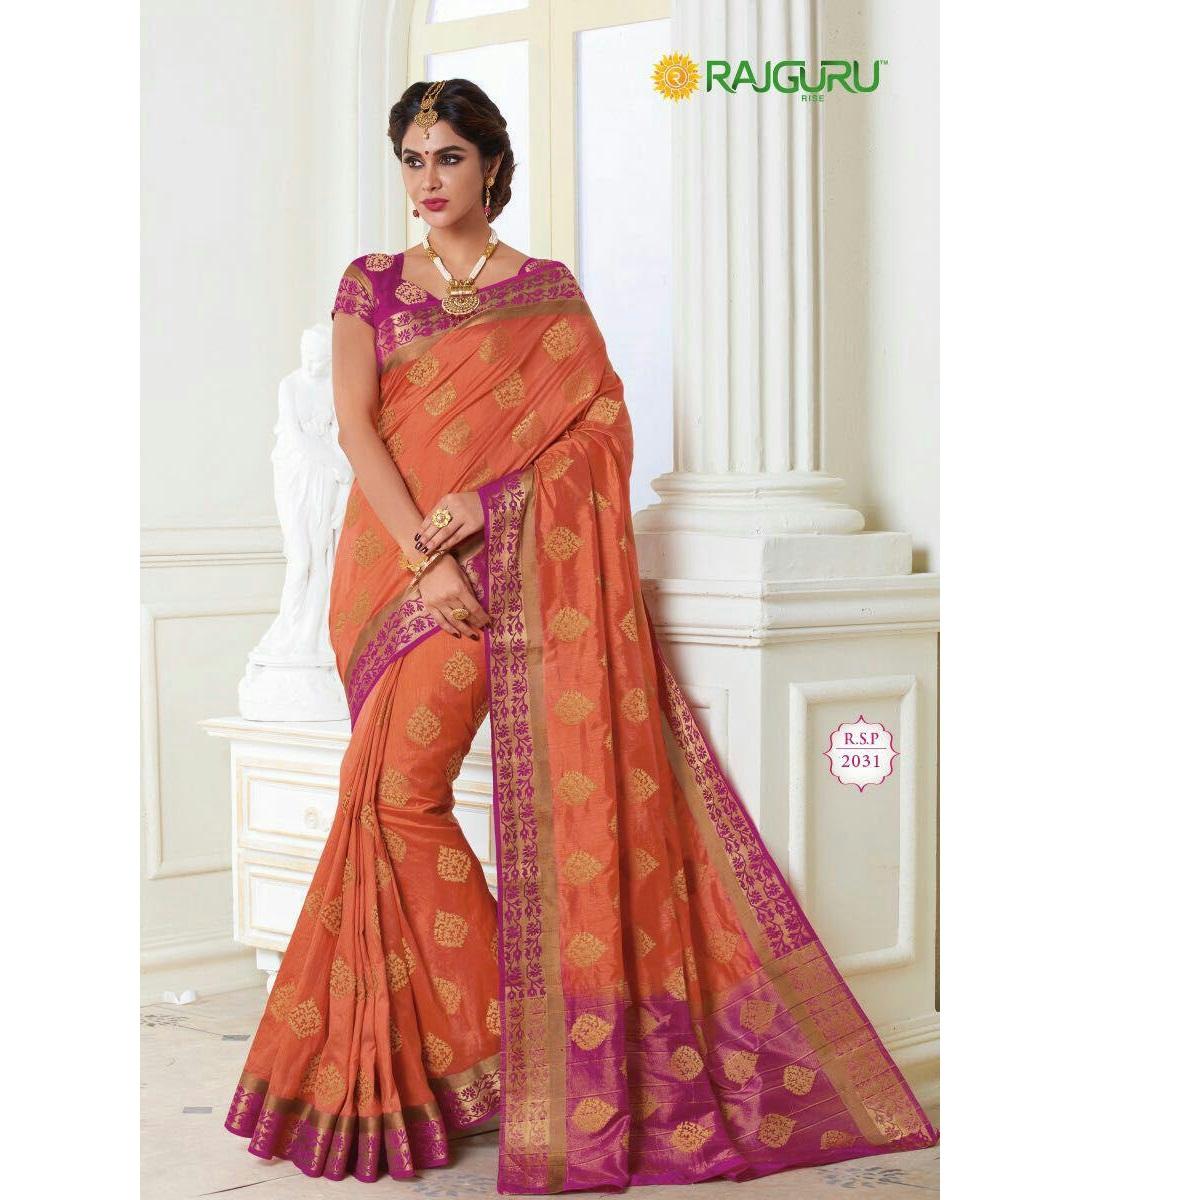 49b2500431 Rajguru saree Heena 2031 – Womenz Fashion NX